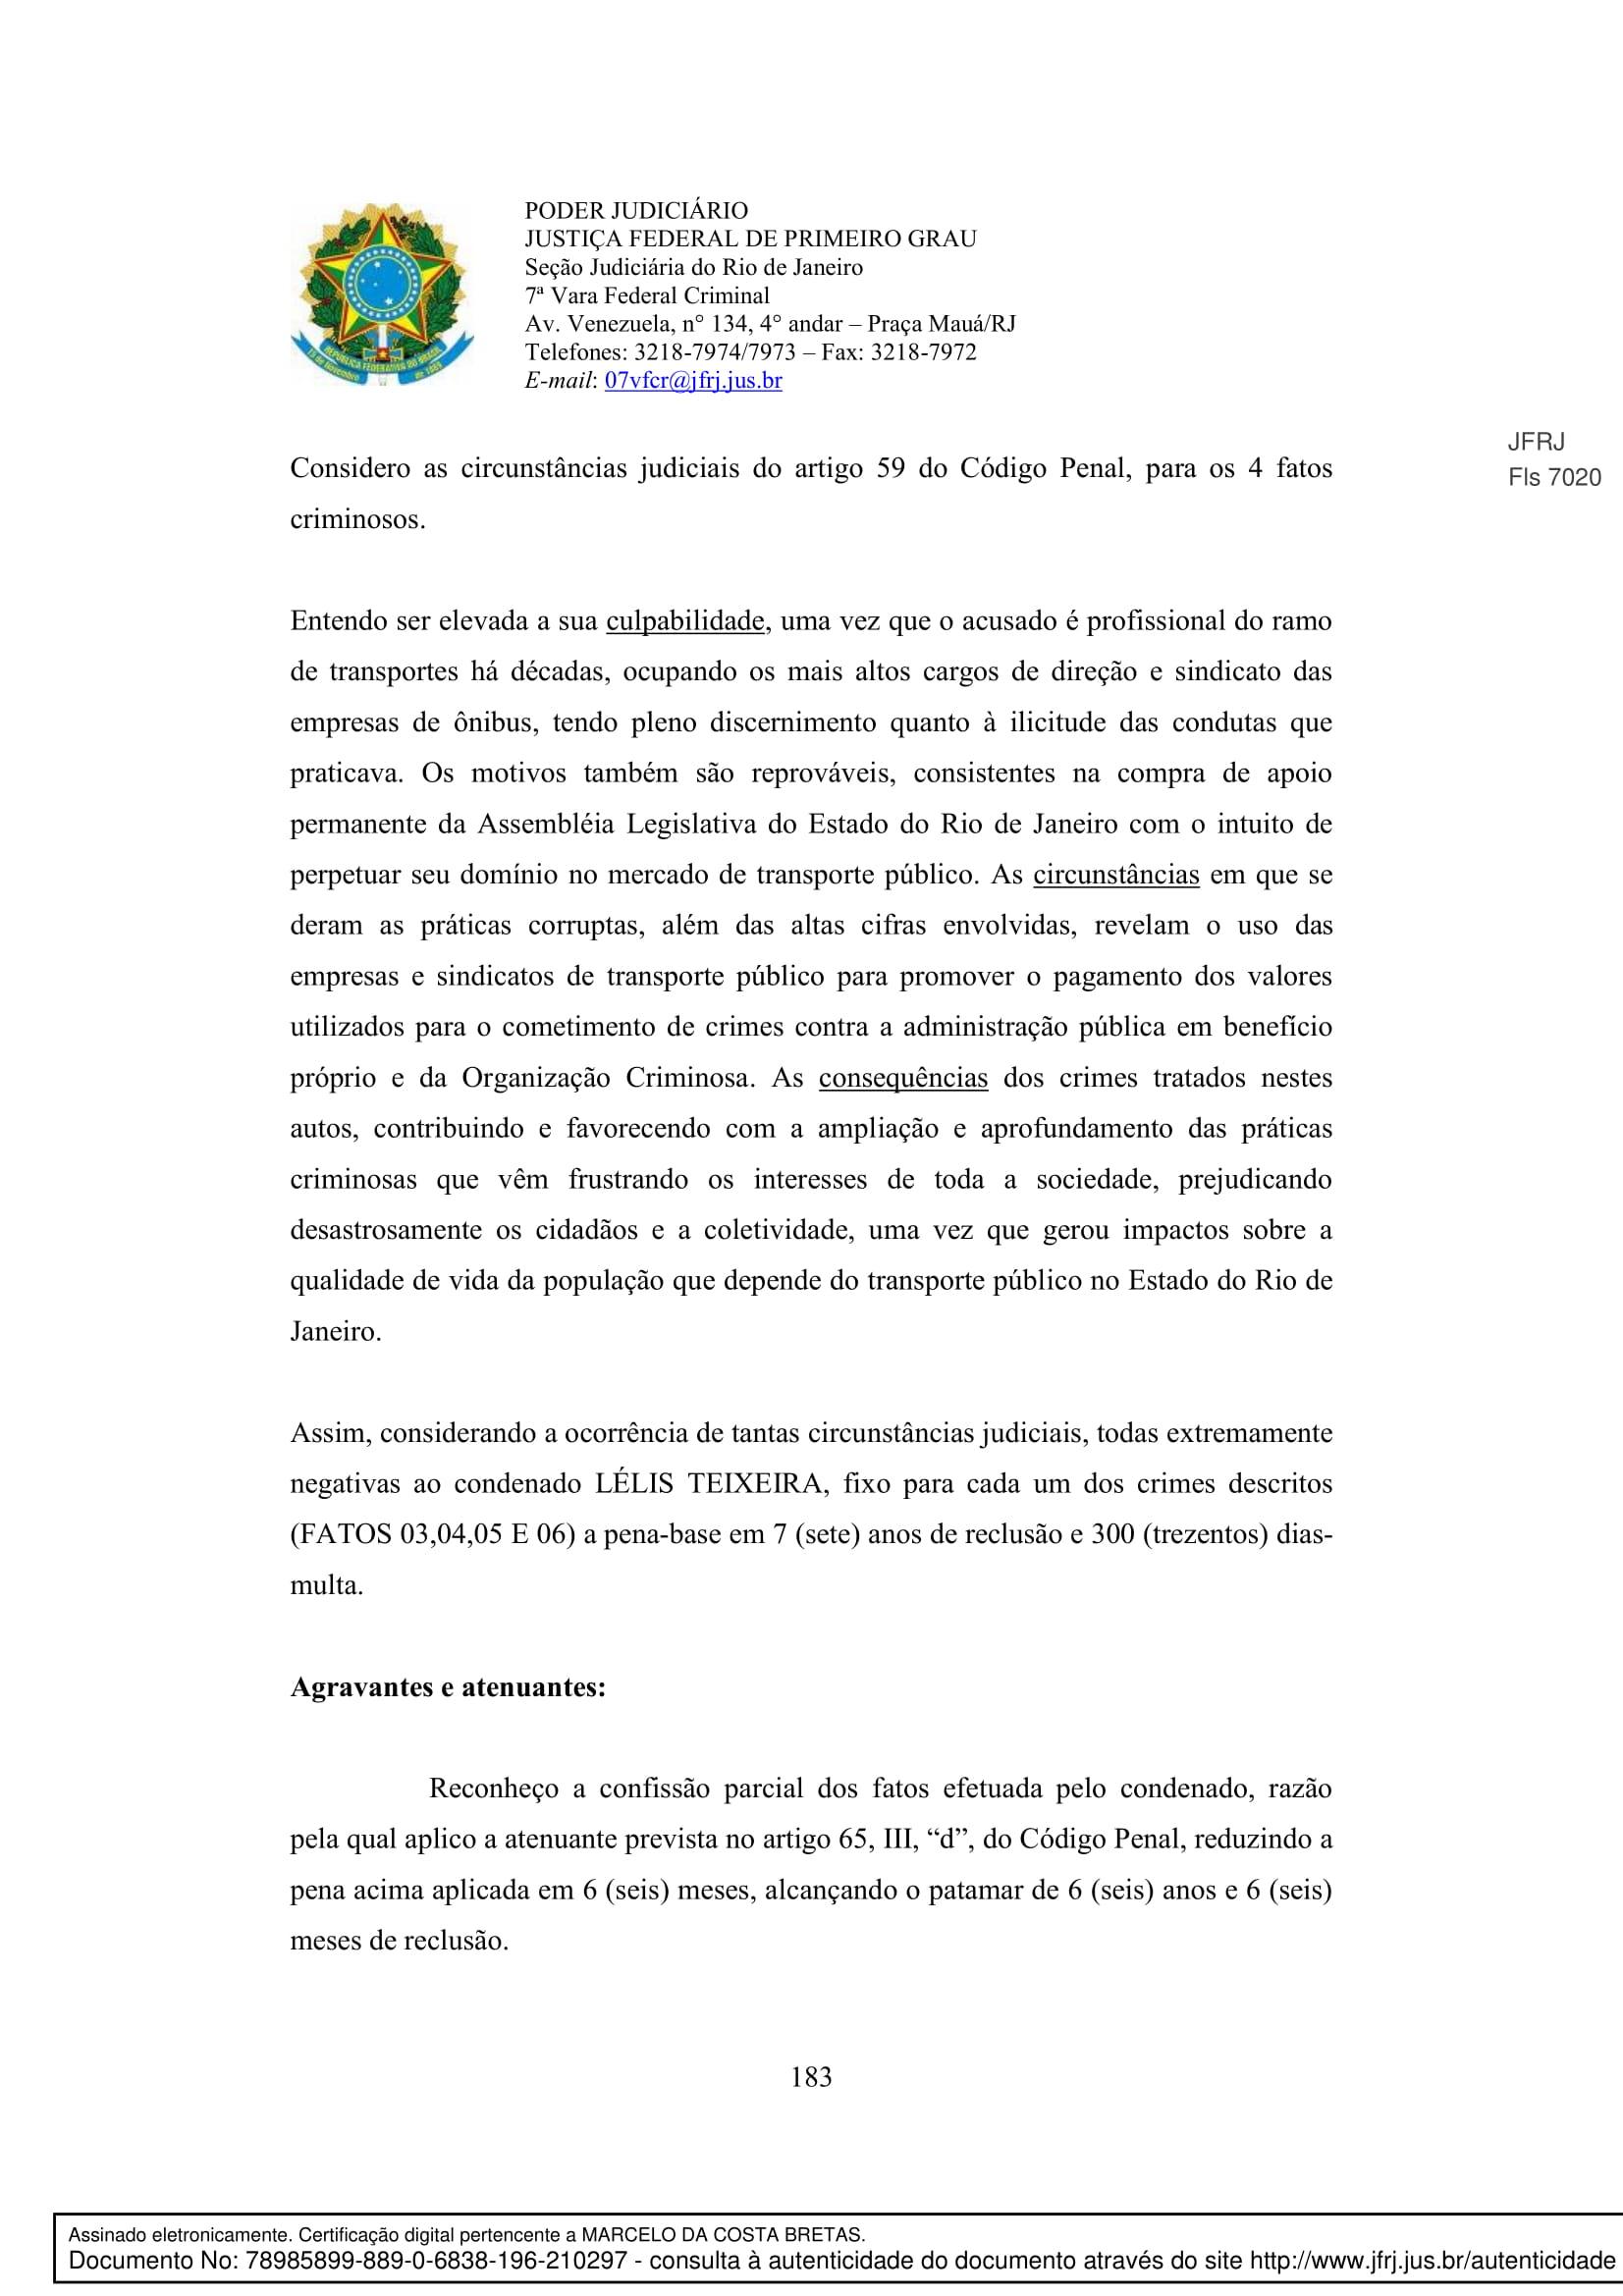 Sentenca-Cadeia-Velha-7VFC-183